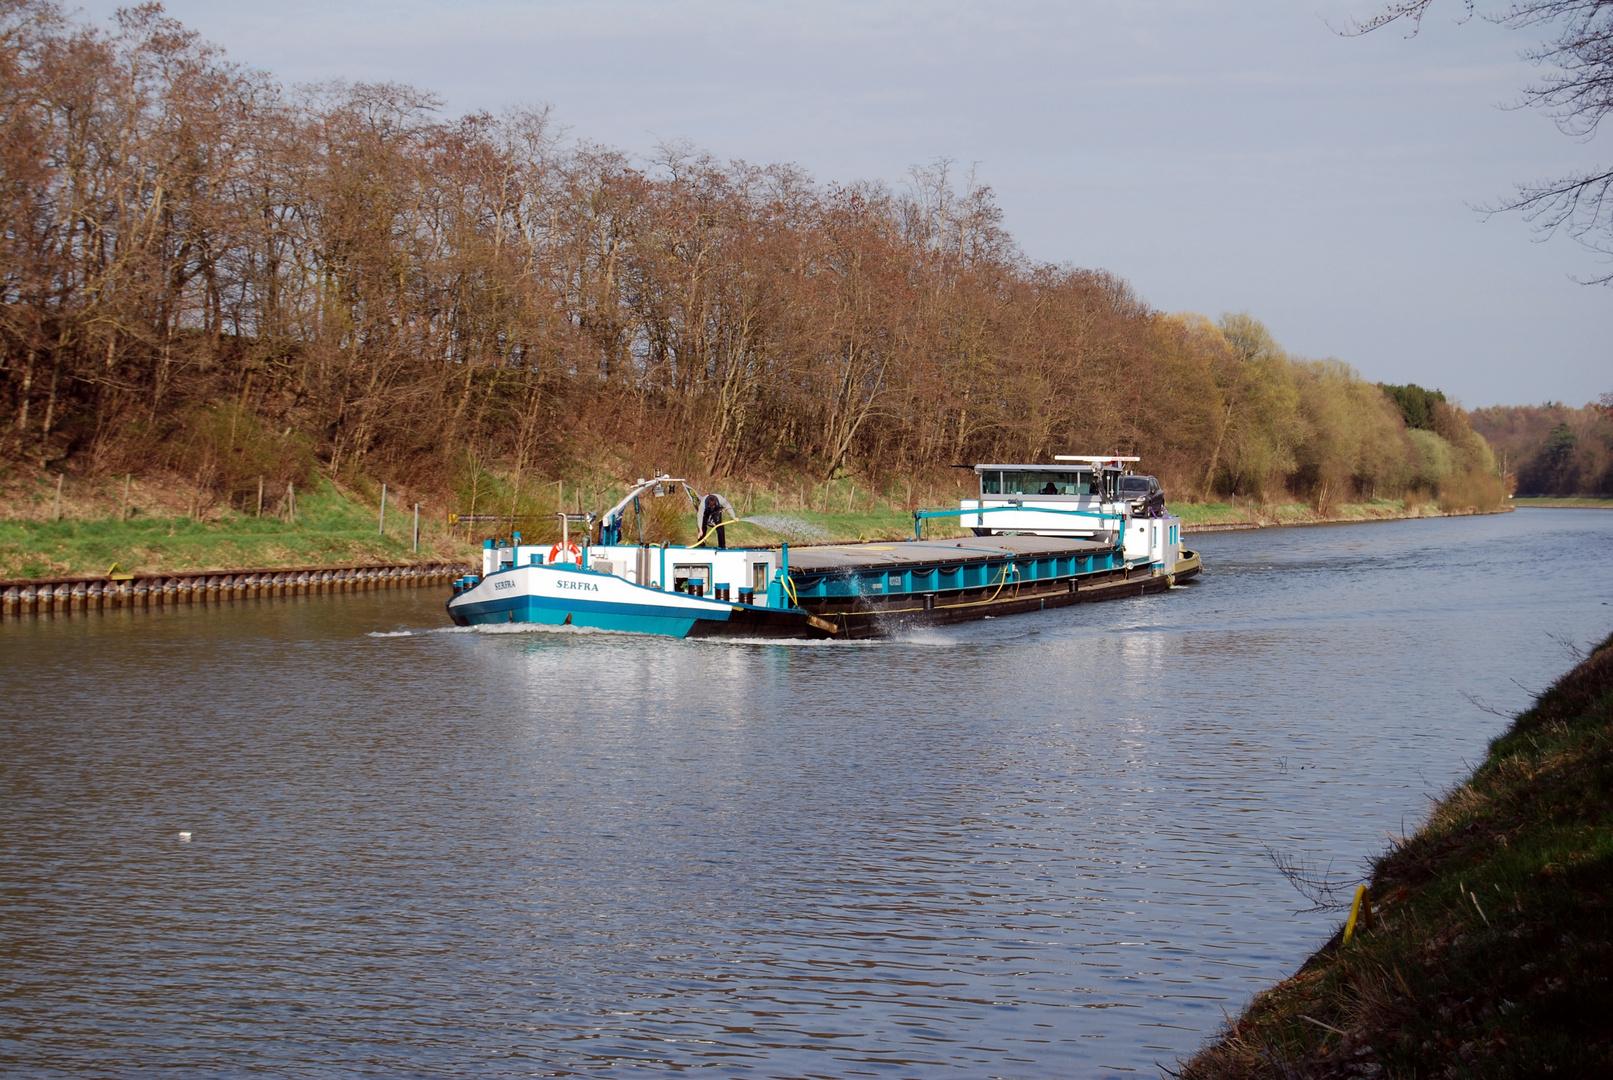 Holländischer Binnenschiffer auf dem Stichkanal bei Vechelde/Braunschweig